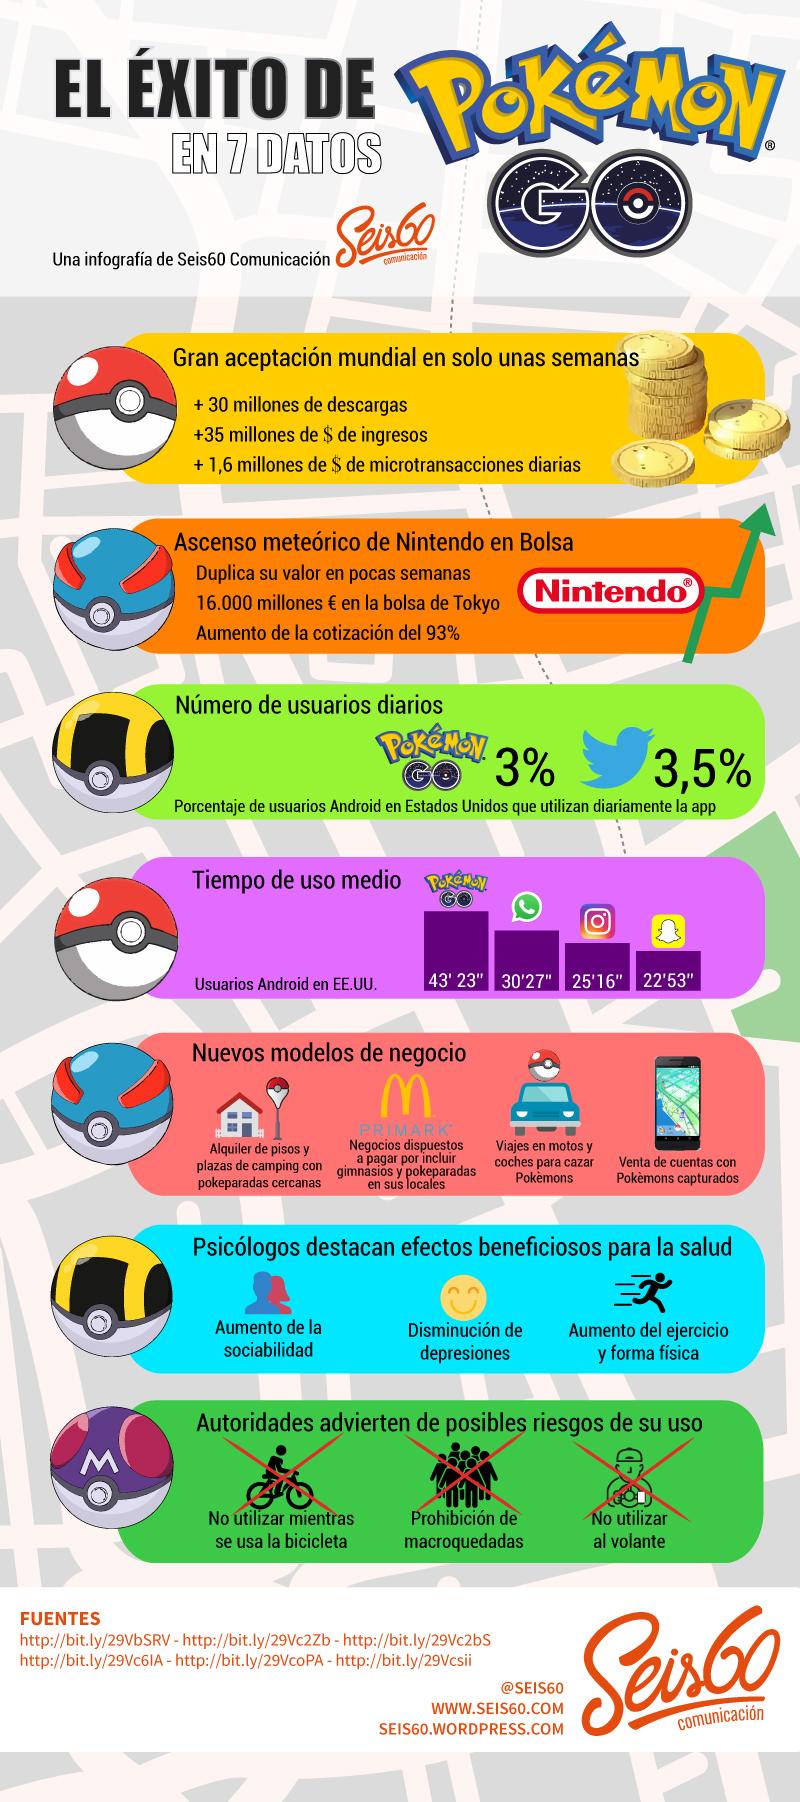 exito-pokemon-go-7-datos-infografia